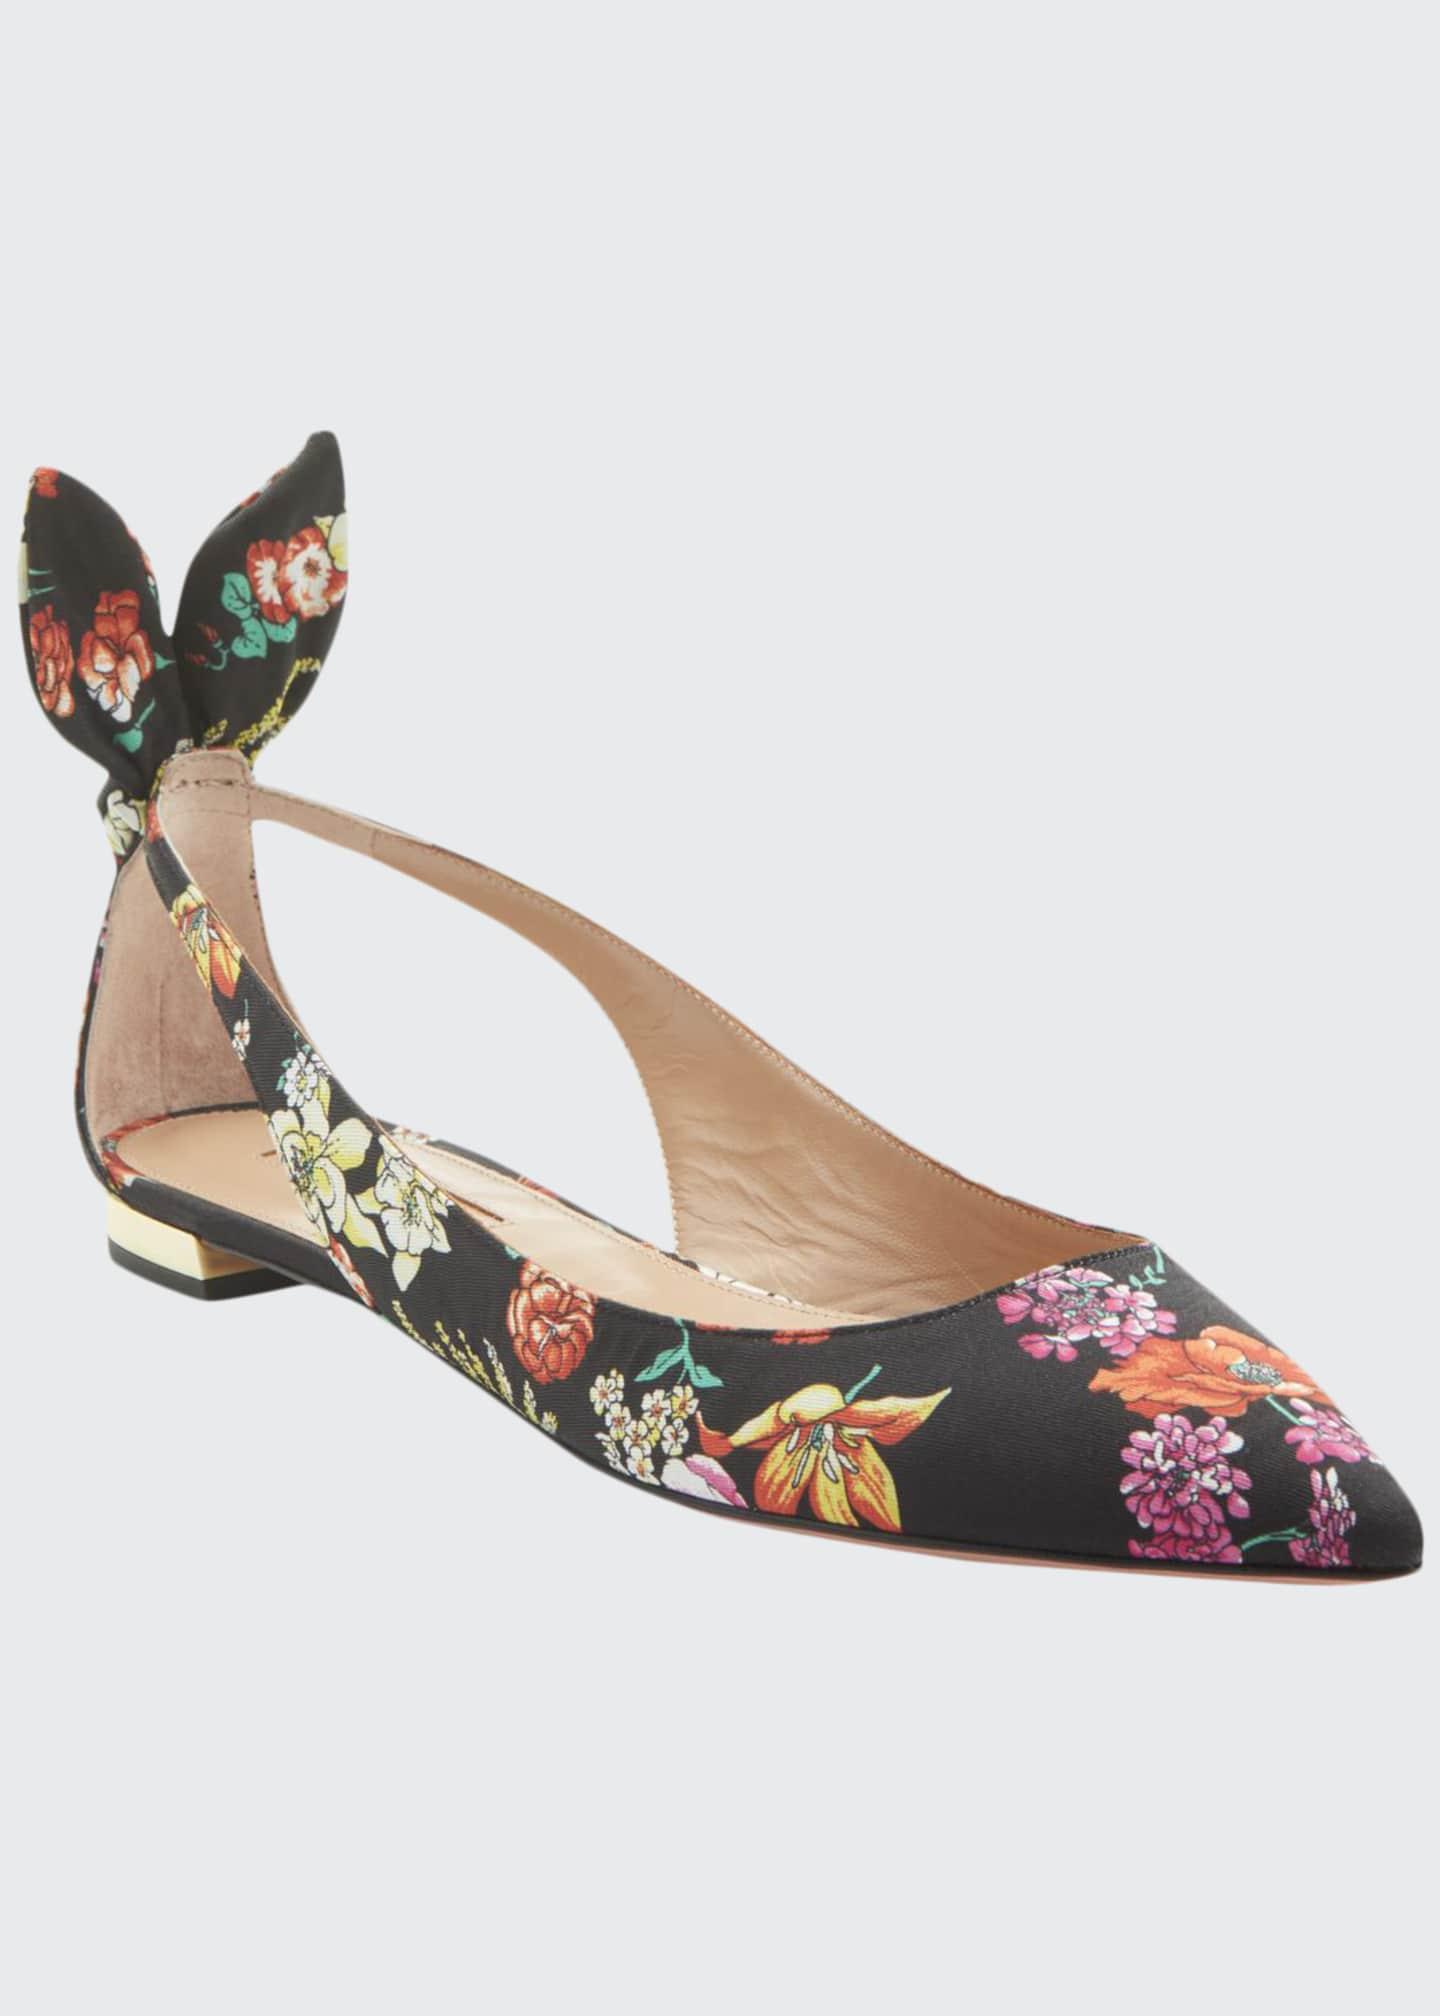 Aquazzura Deneuve Floral-Print Ballerina Flats